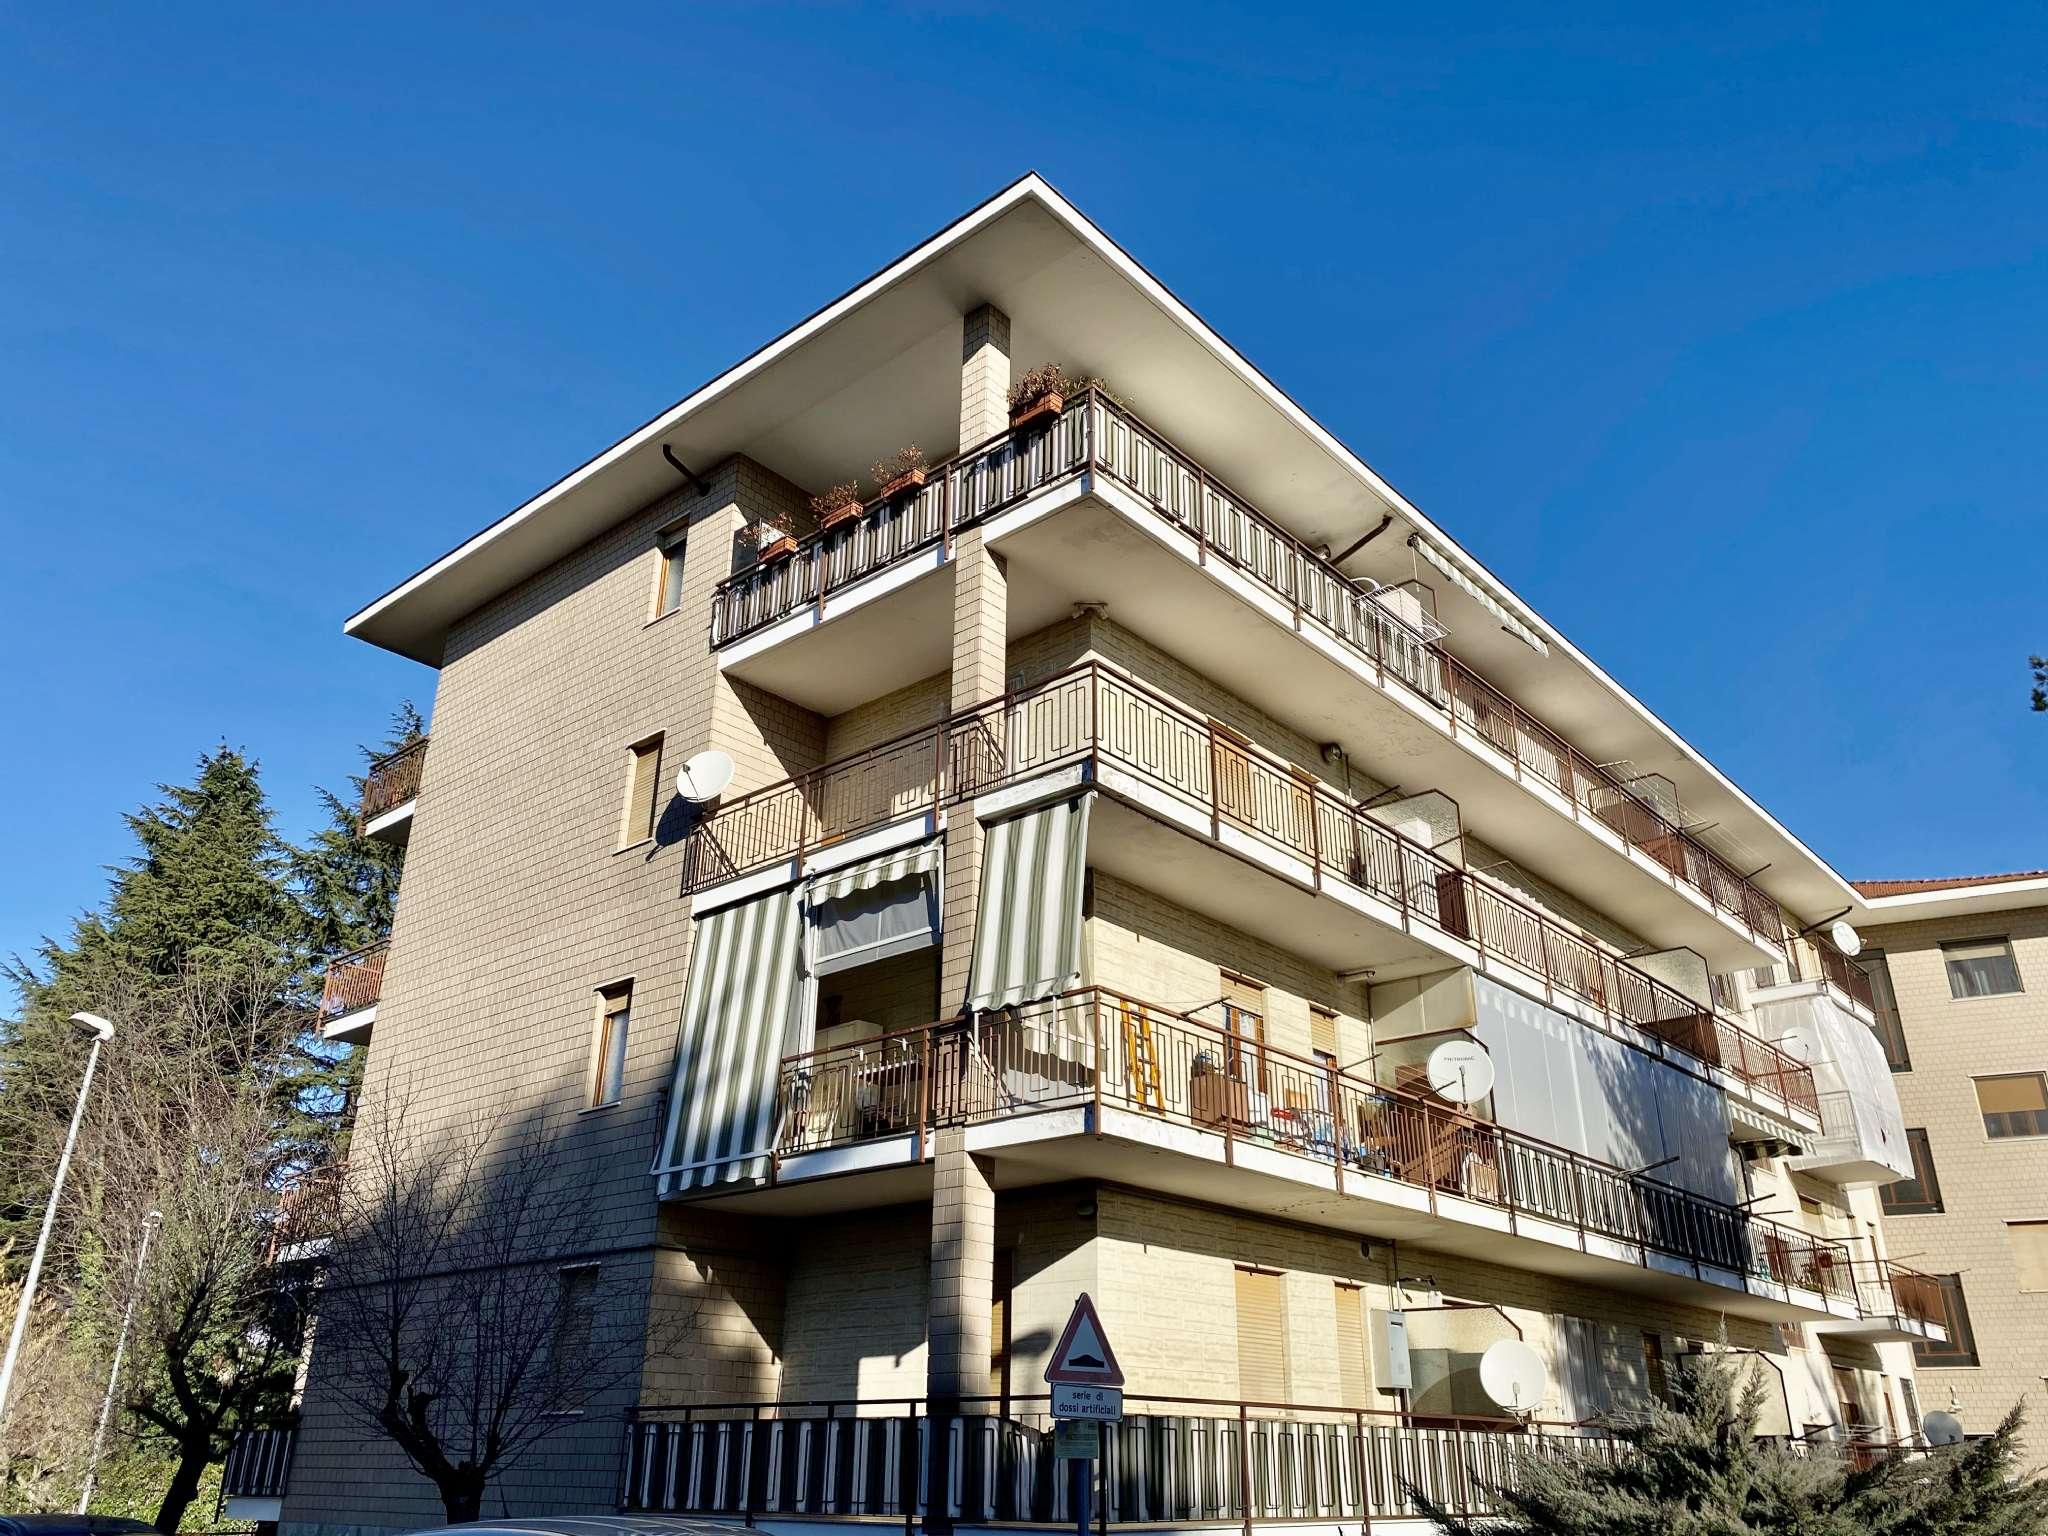 Appartamento in affitto a Druento, 3 locali, prezzo € 600 | PortaleAgenzieImmobiliari.it